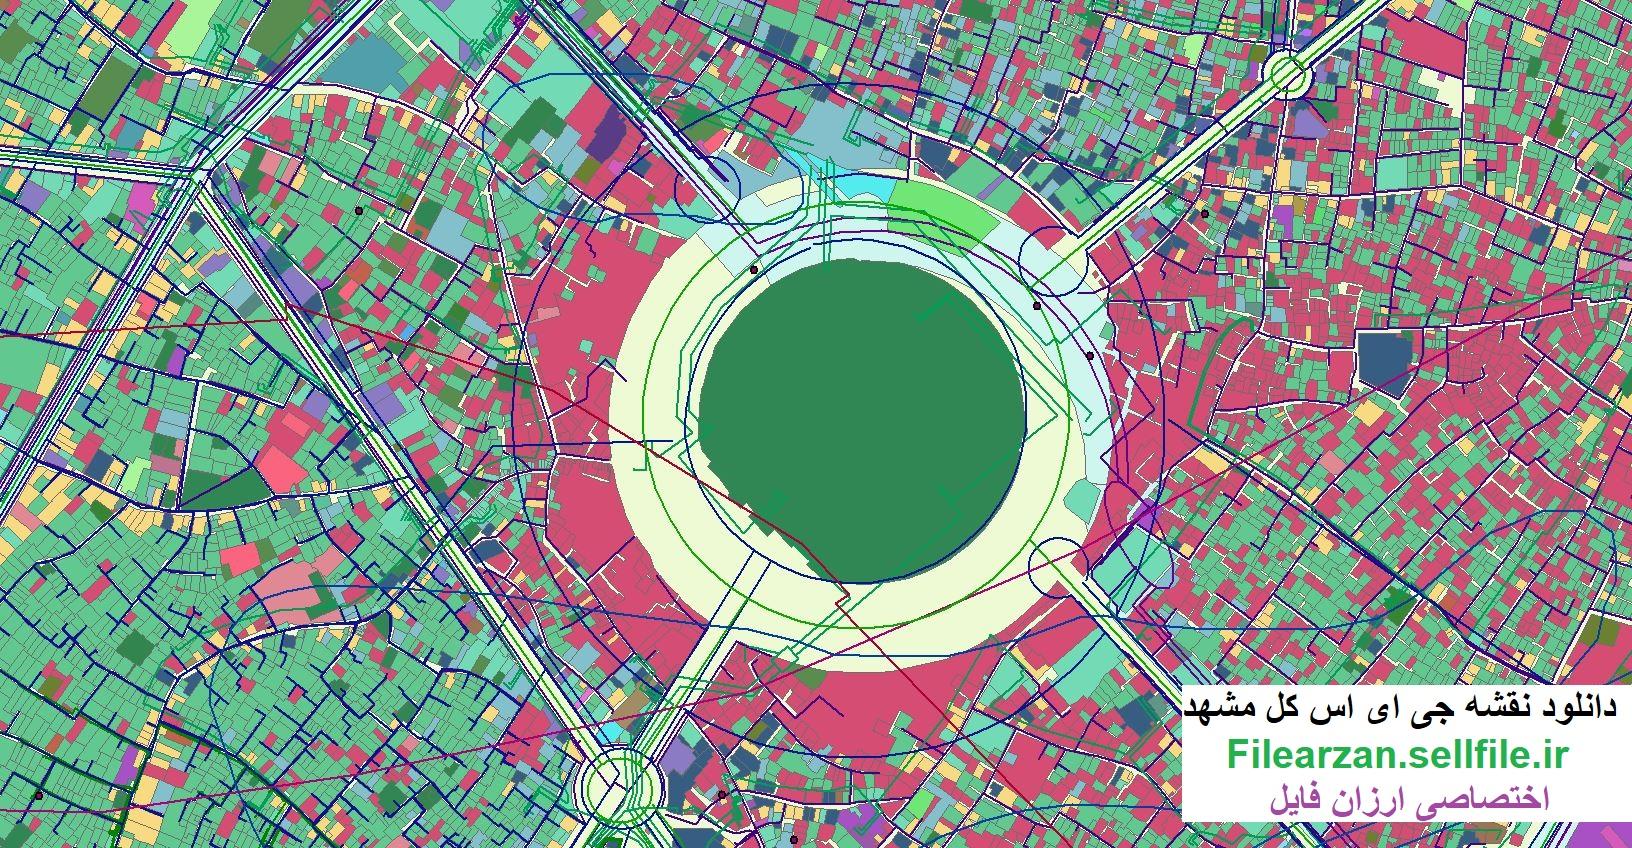 دانلود رایگان نقشه gis کل مناطق شهر مشهد